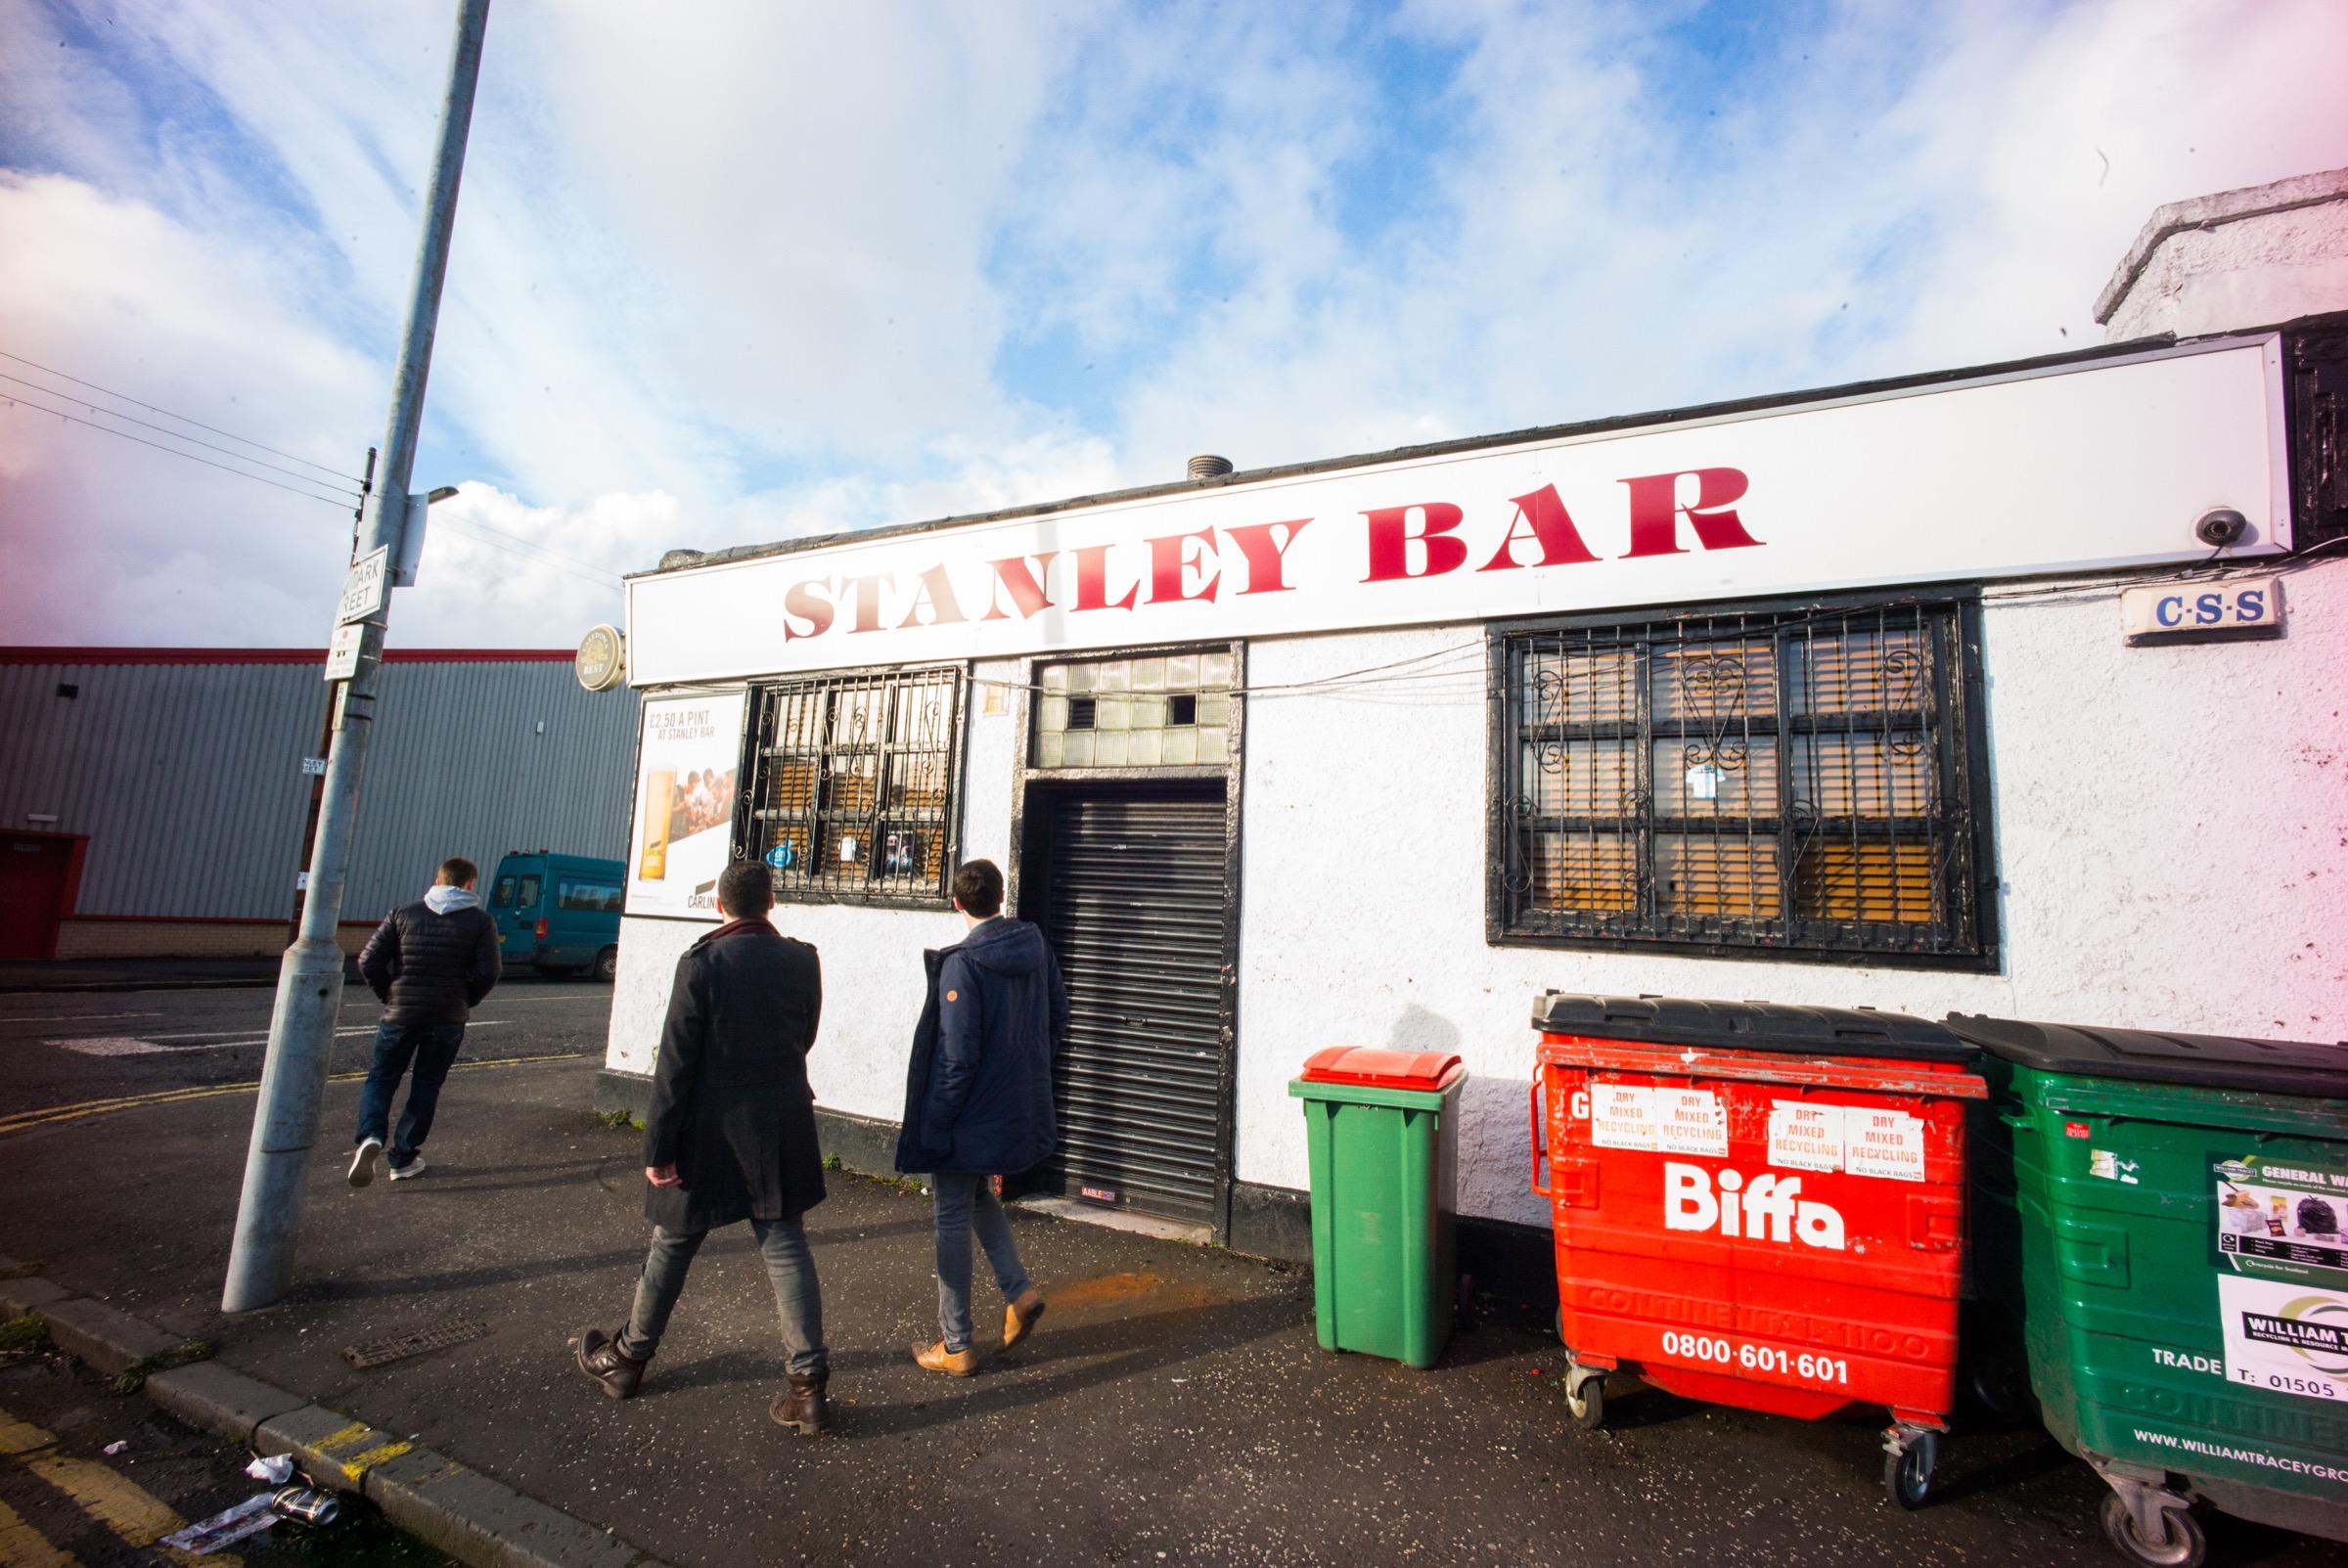 Stanley Bar Glasgow